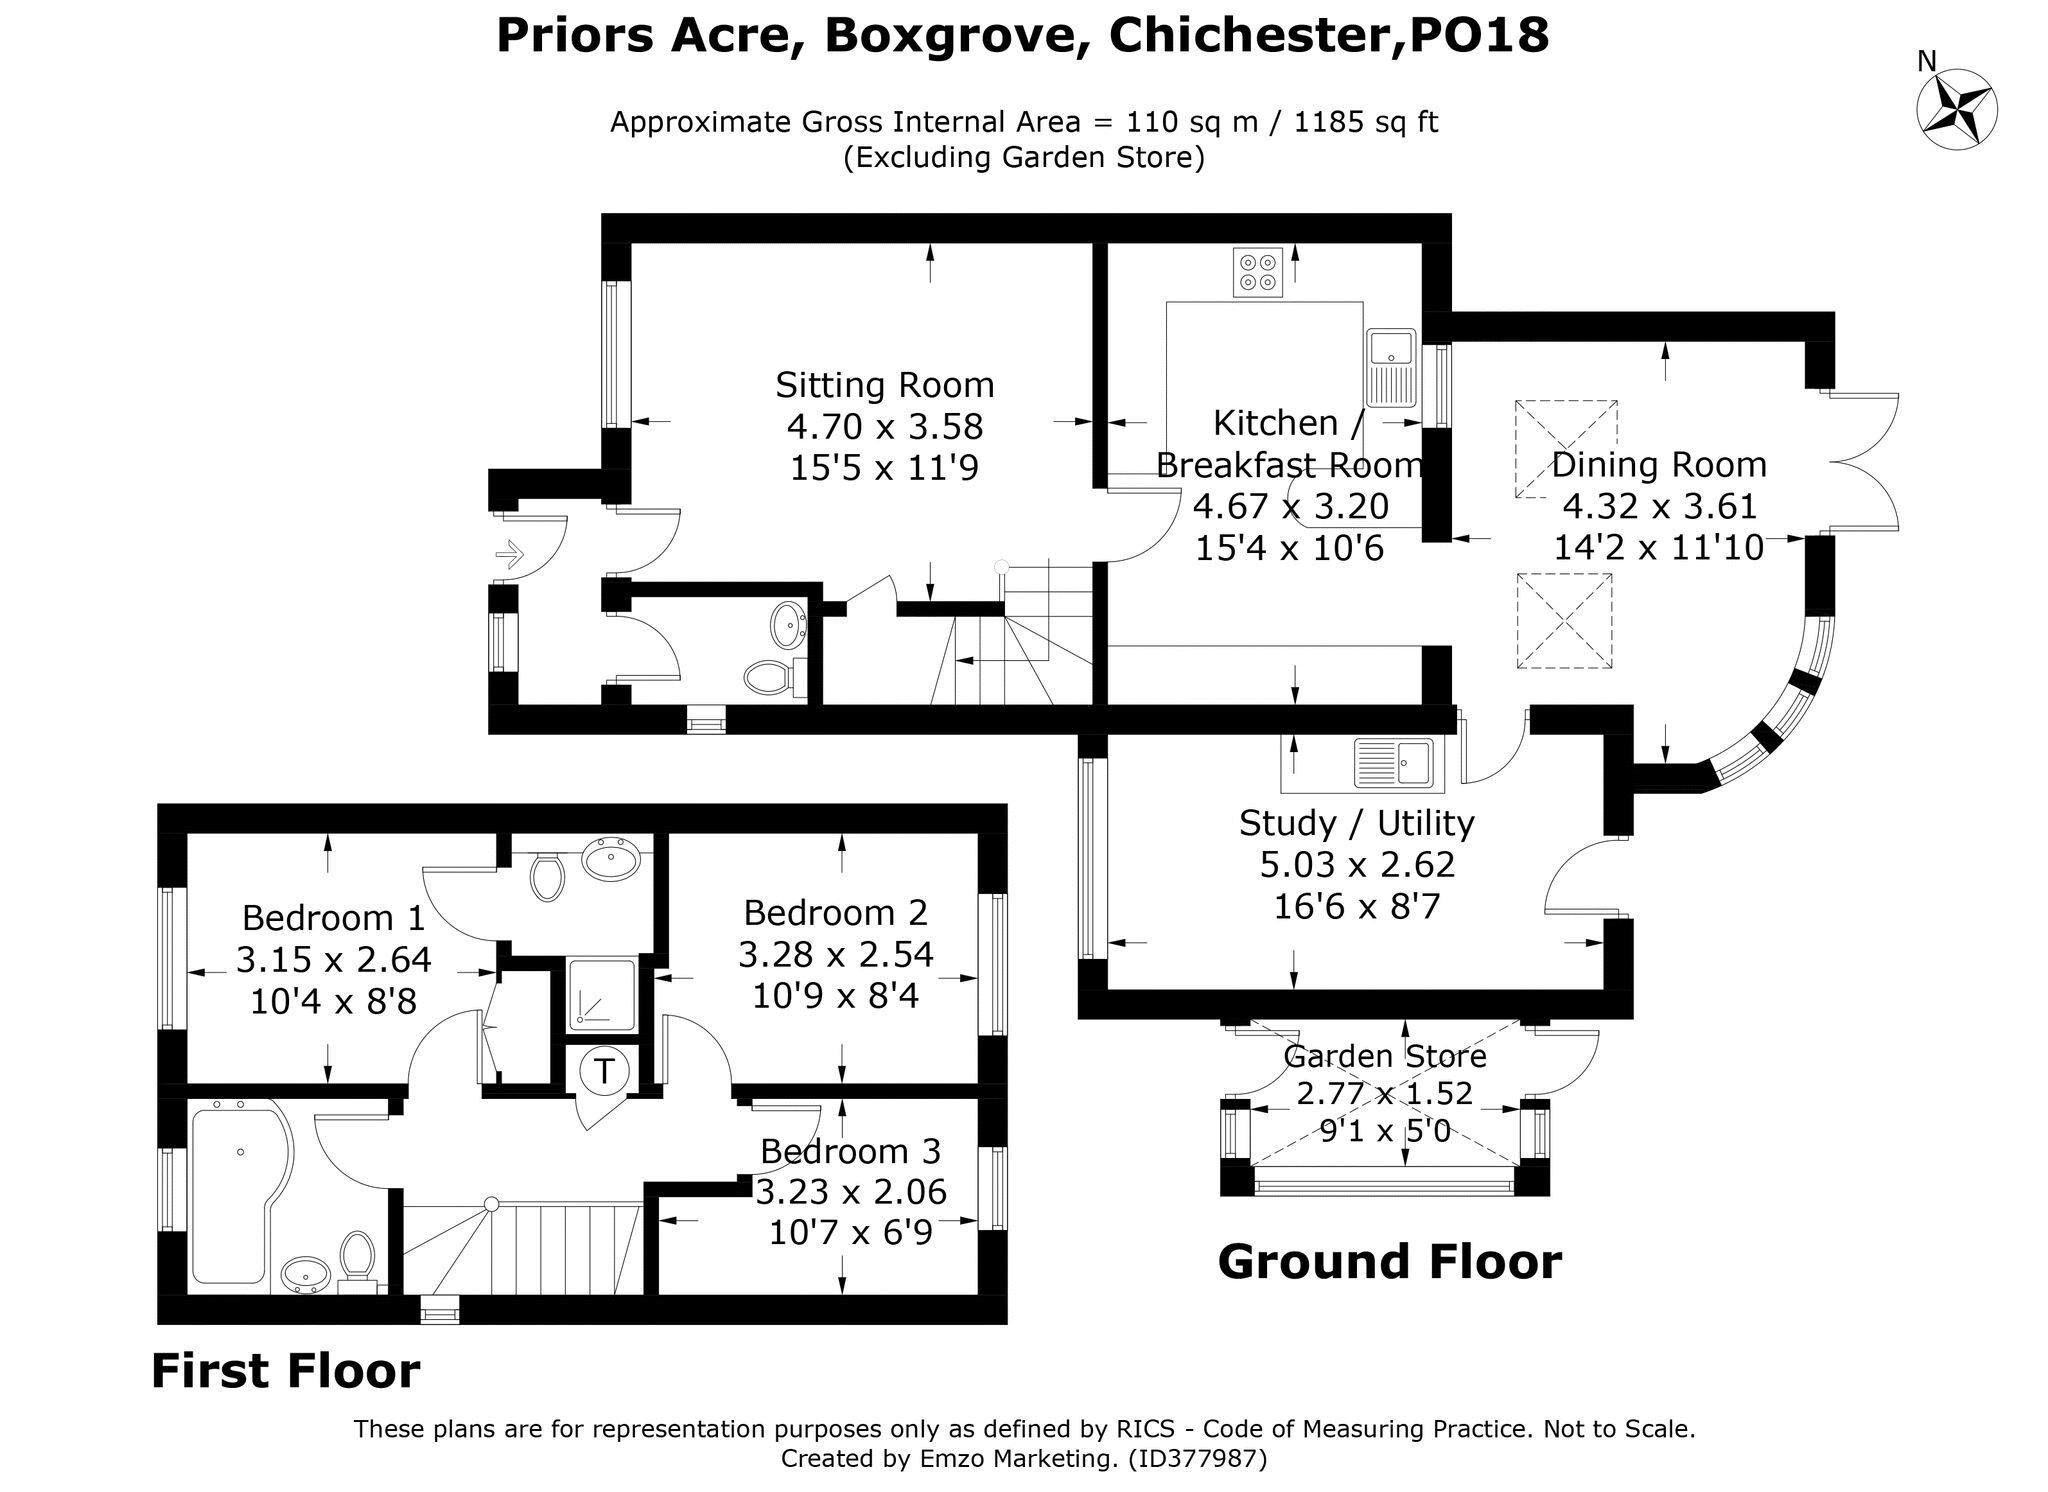 Priors Acre Boxgrove